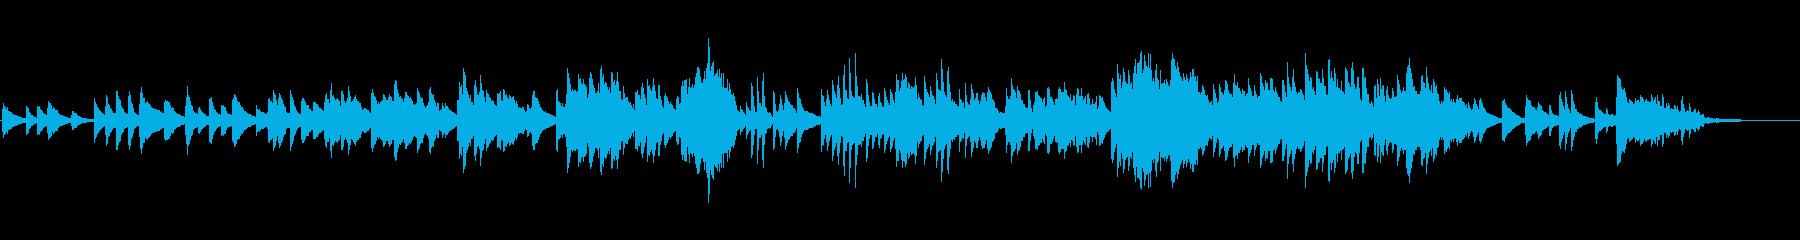 篠笛の優しい音色に望郷の故郷を思わせる曲の再生済みの波形